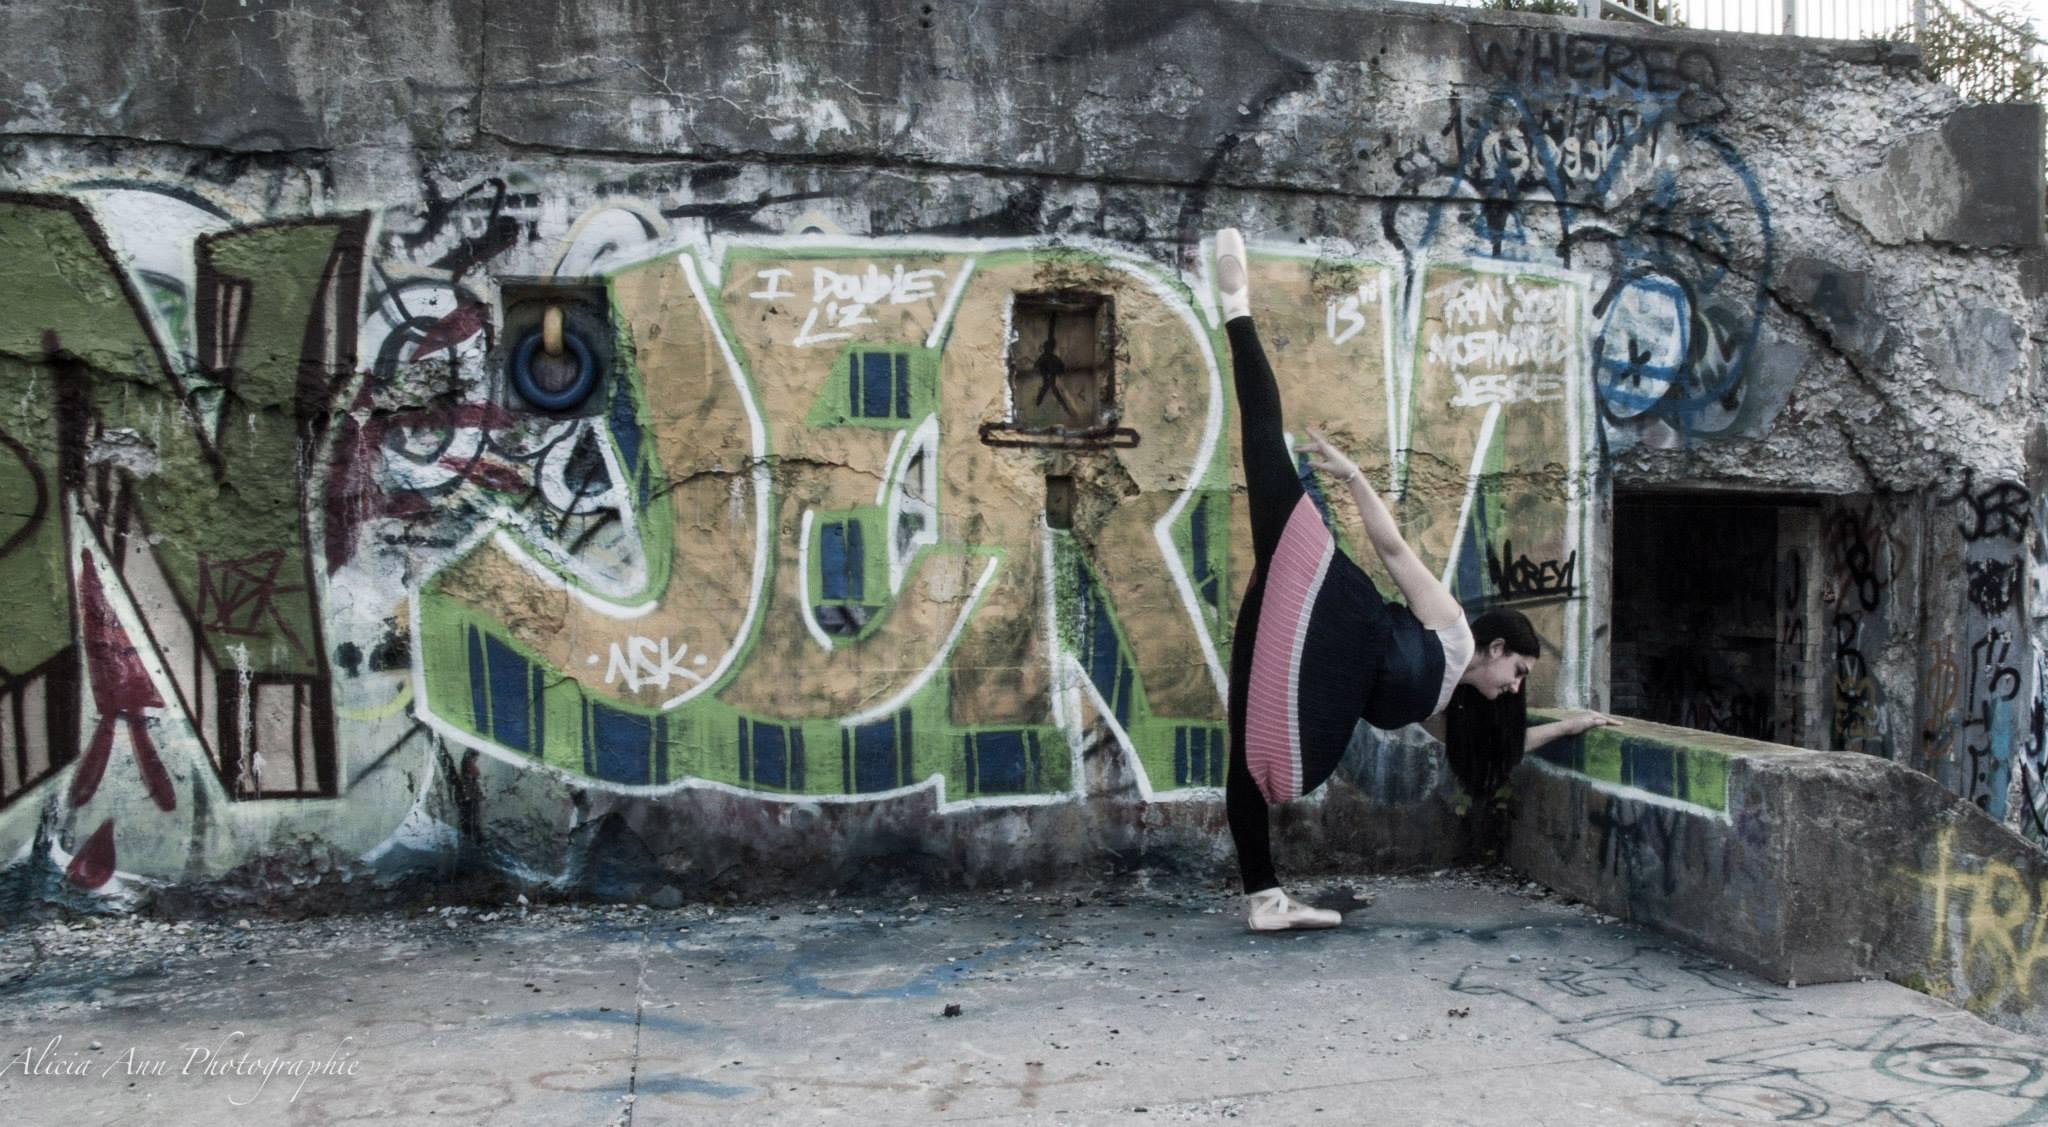 RI Dance Photography